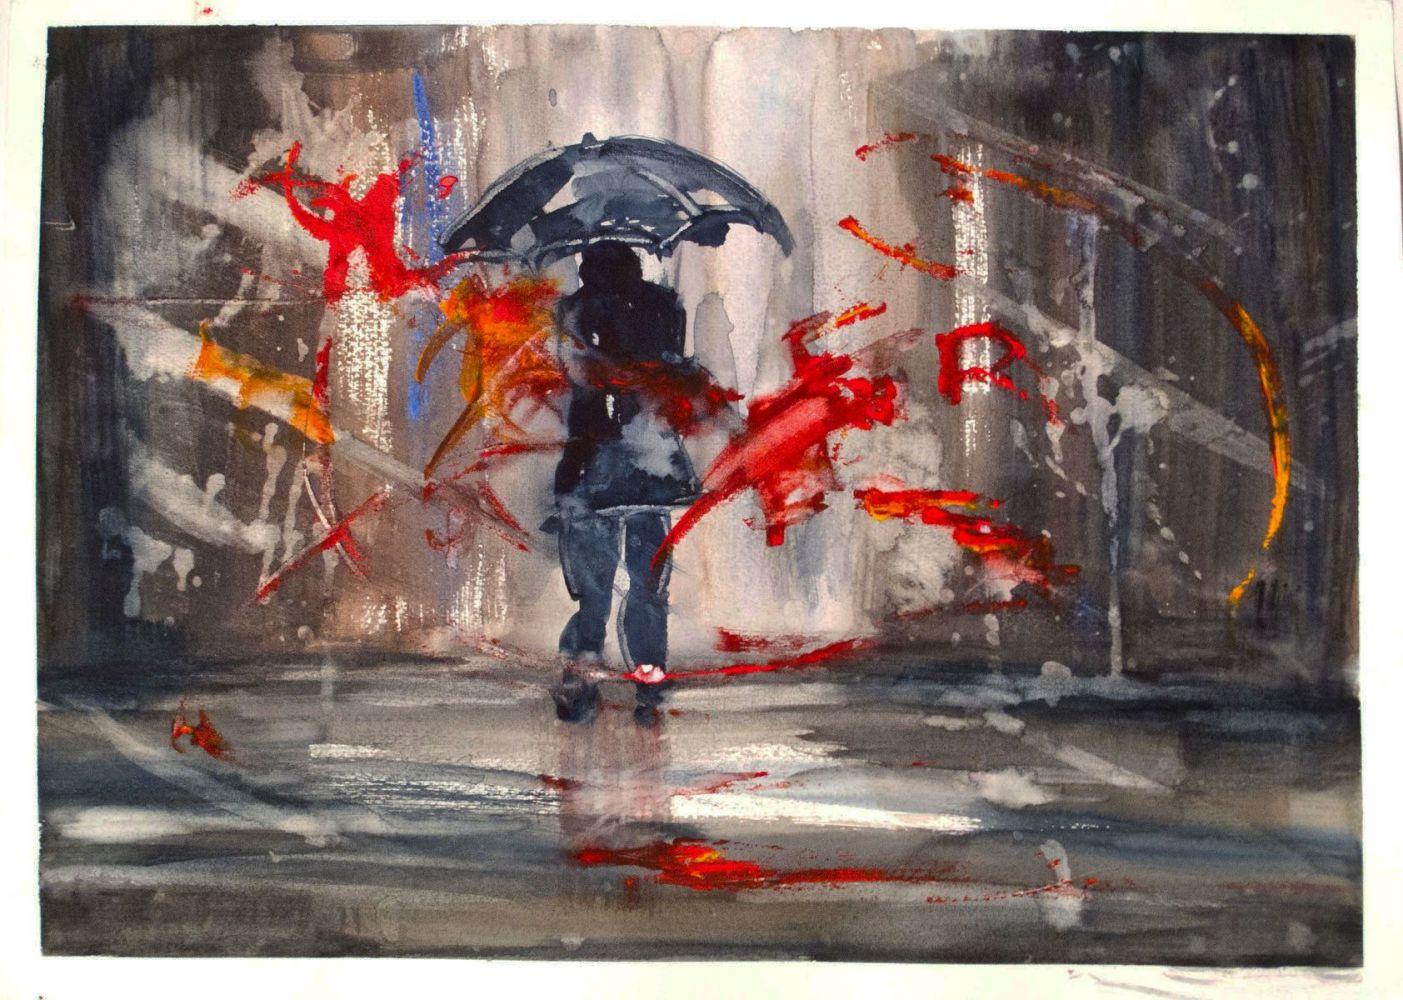 La pioggia vista dalla vetrina ( acquarello ) Opera pubblicata sul Calendario dell'Arte 2018 (vedi su questo stesso sito - Attività - Calendario)